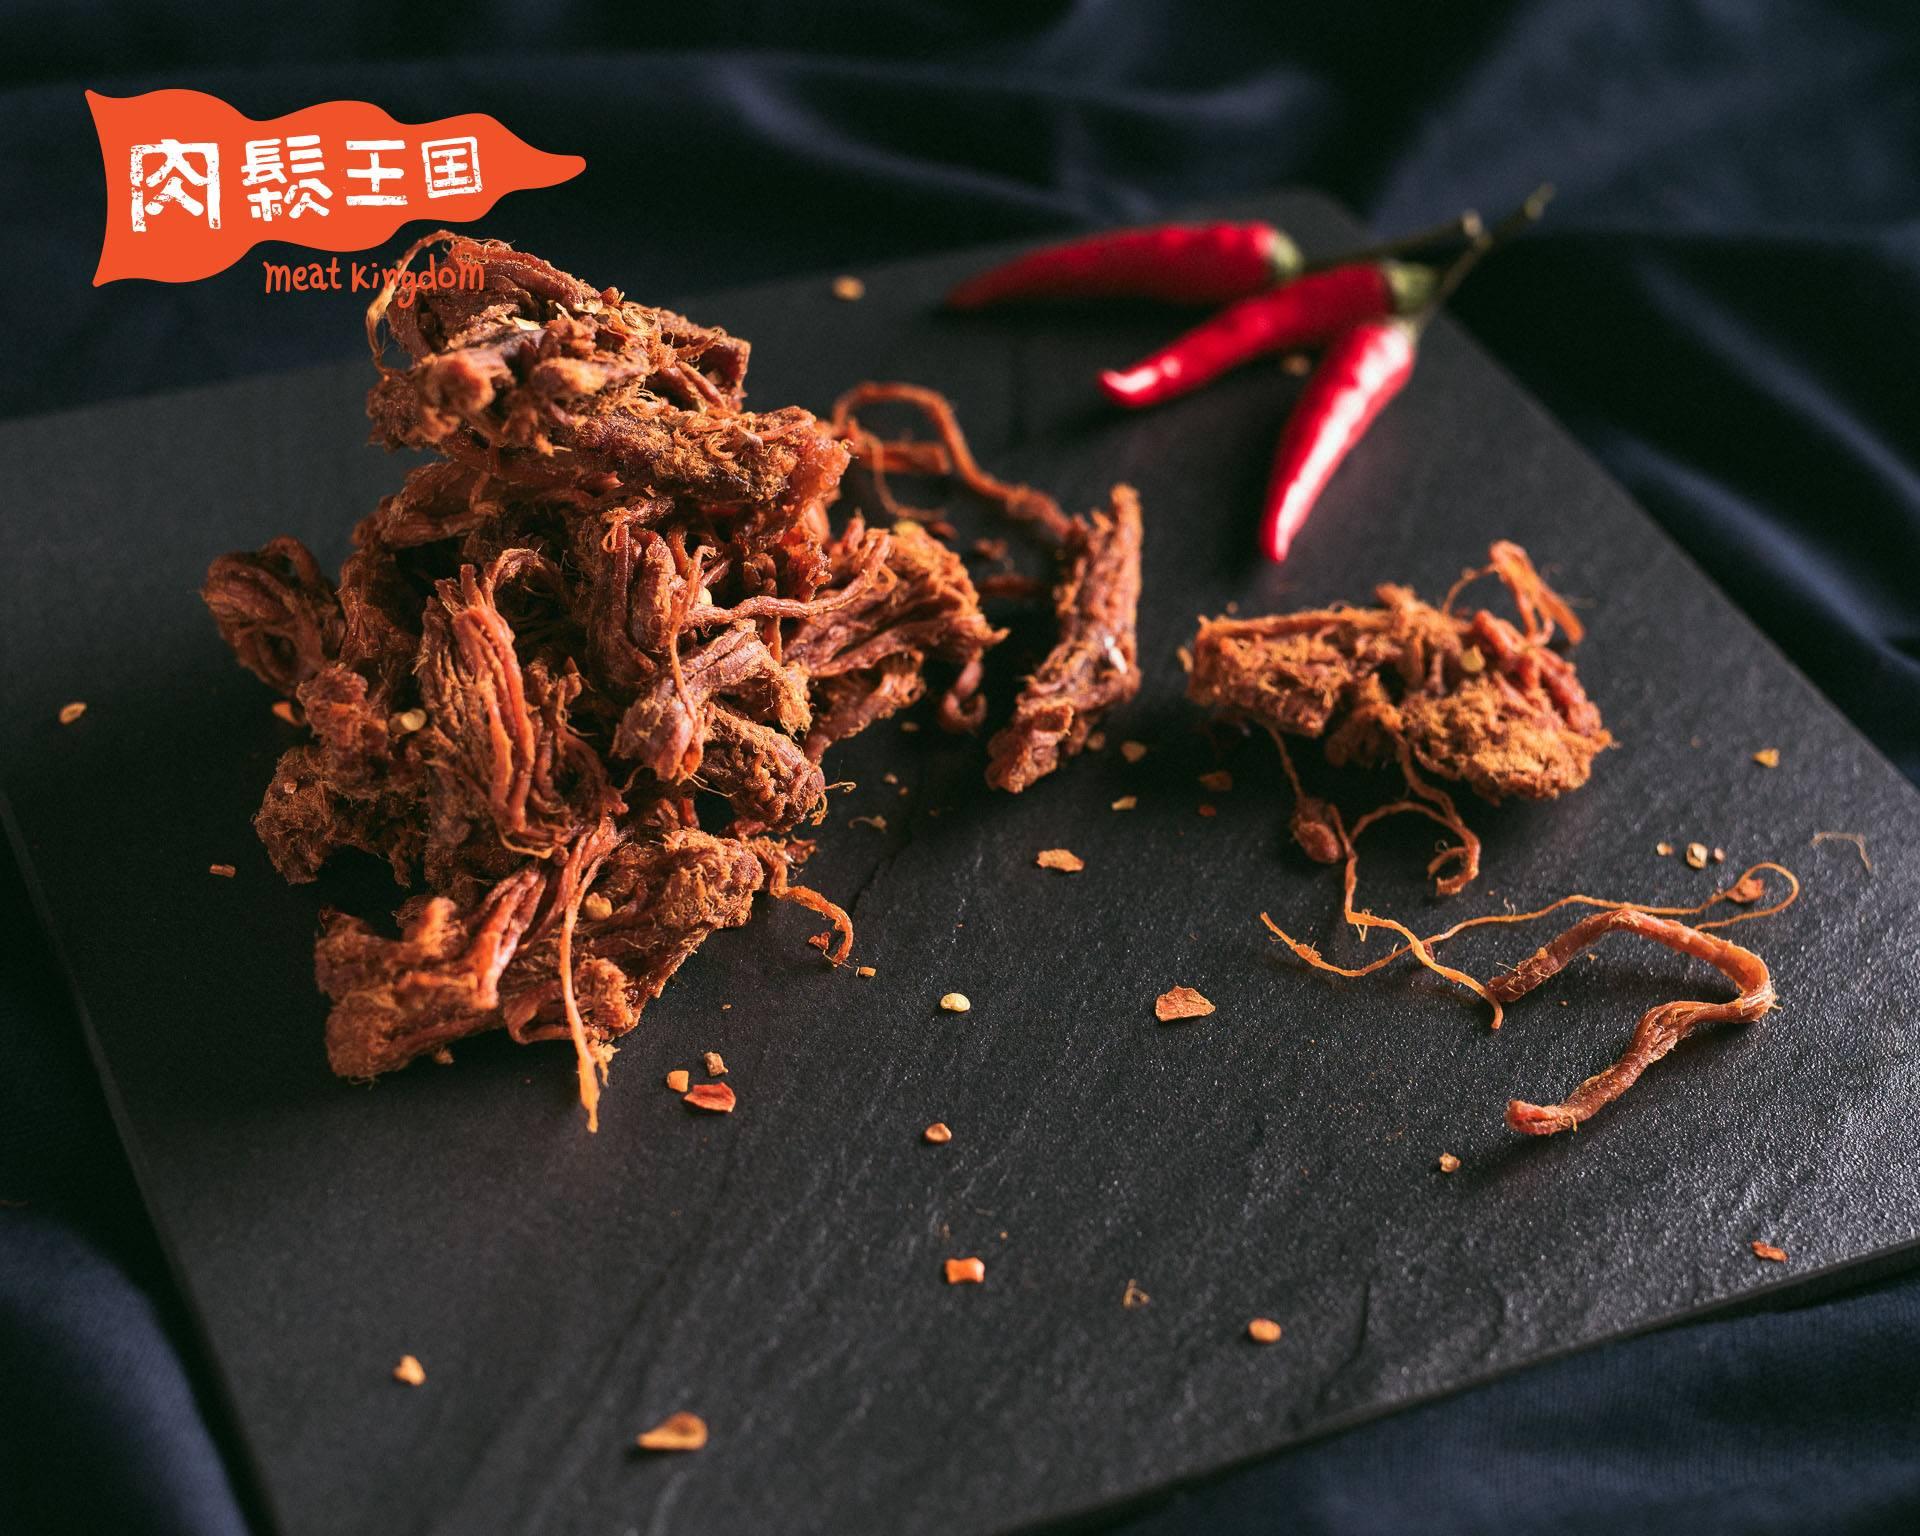 肉鬆王國 『手工豬肉條』(辣味)☞辣味更有勁 ☞國王放鬆包